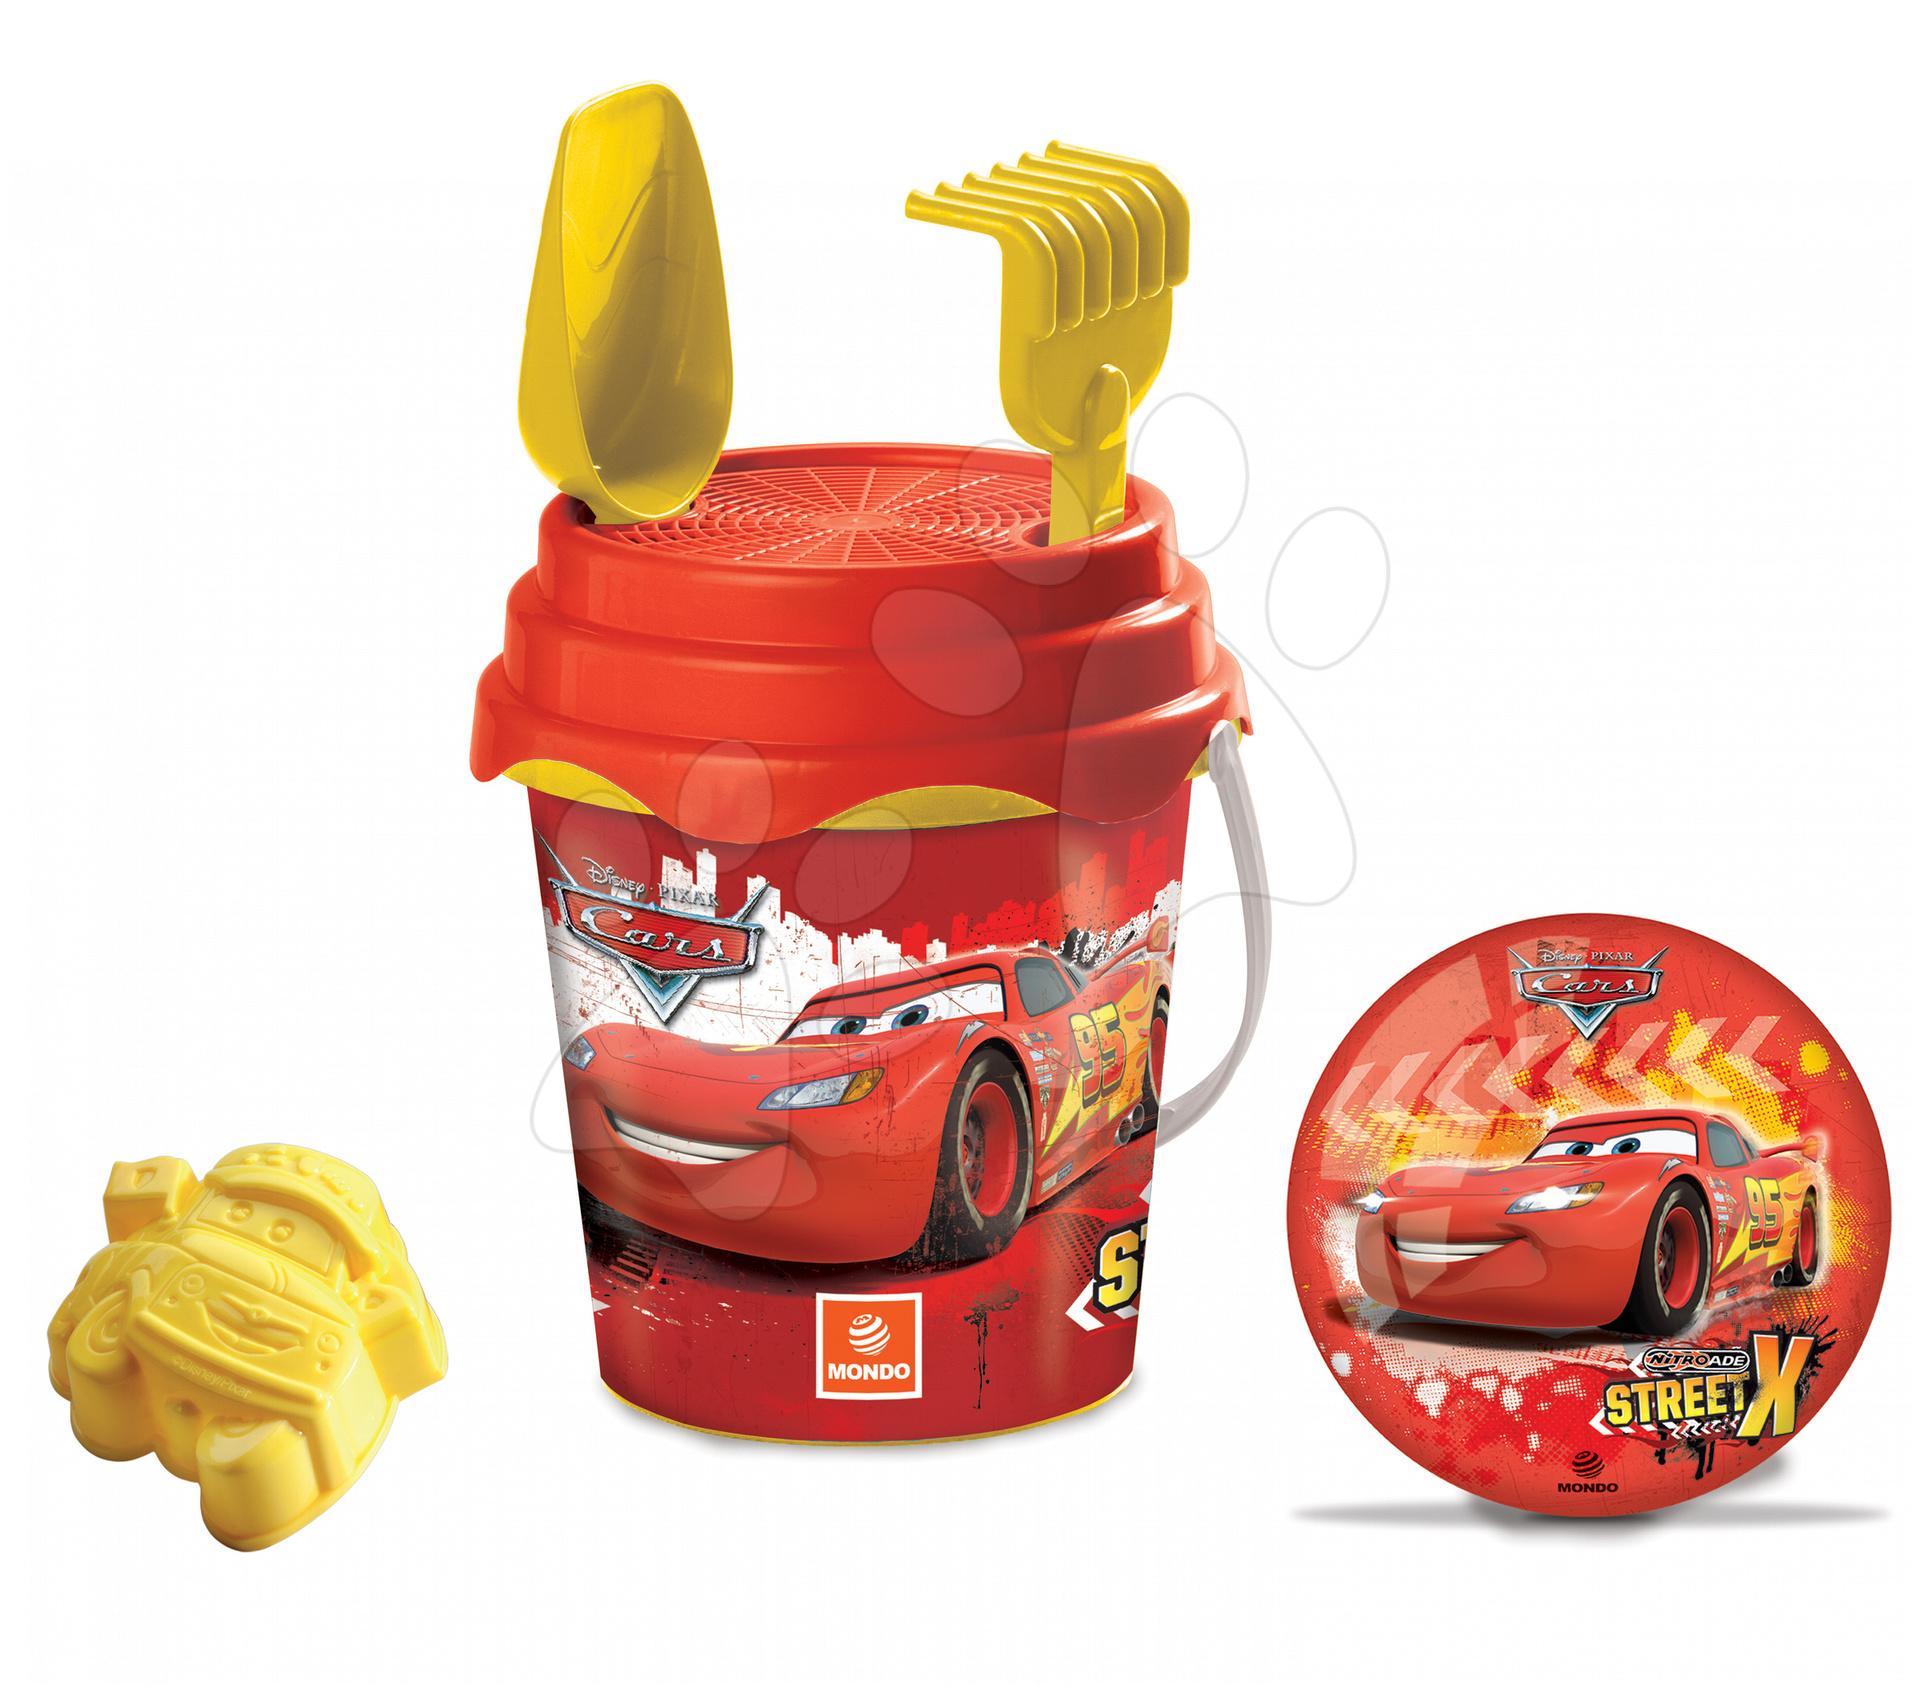 Kbelík set s míčem Cars Mondo 5 dílů (výška kbelíku 17 cm) červeno-žlutý